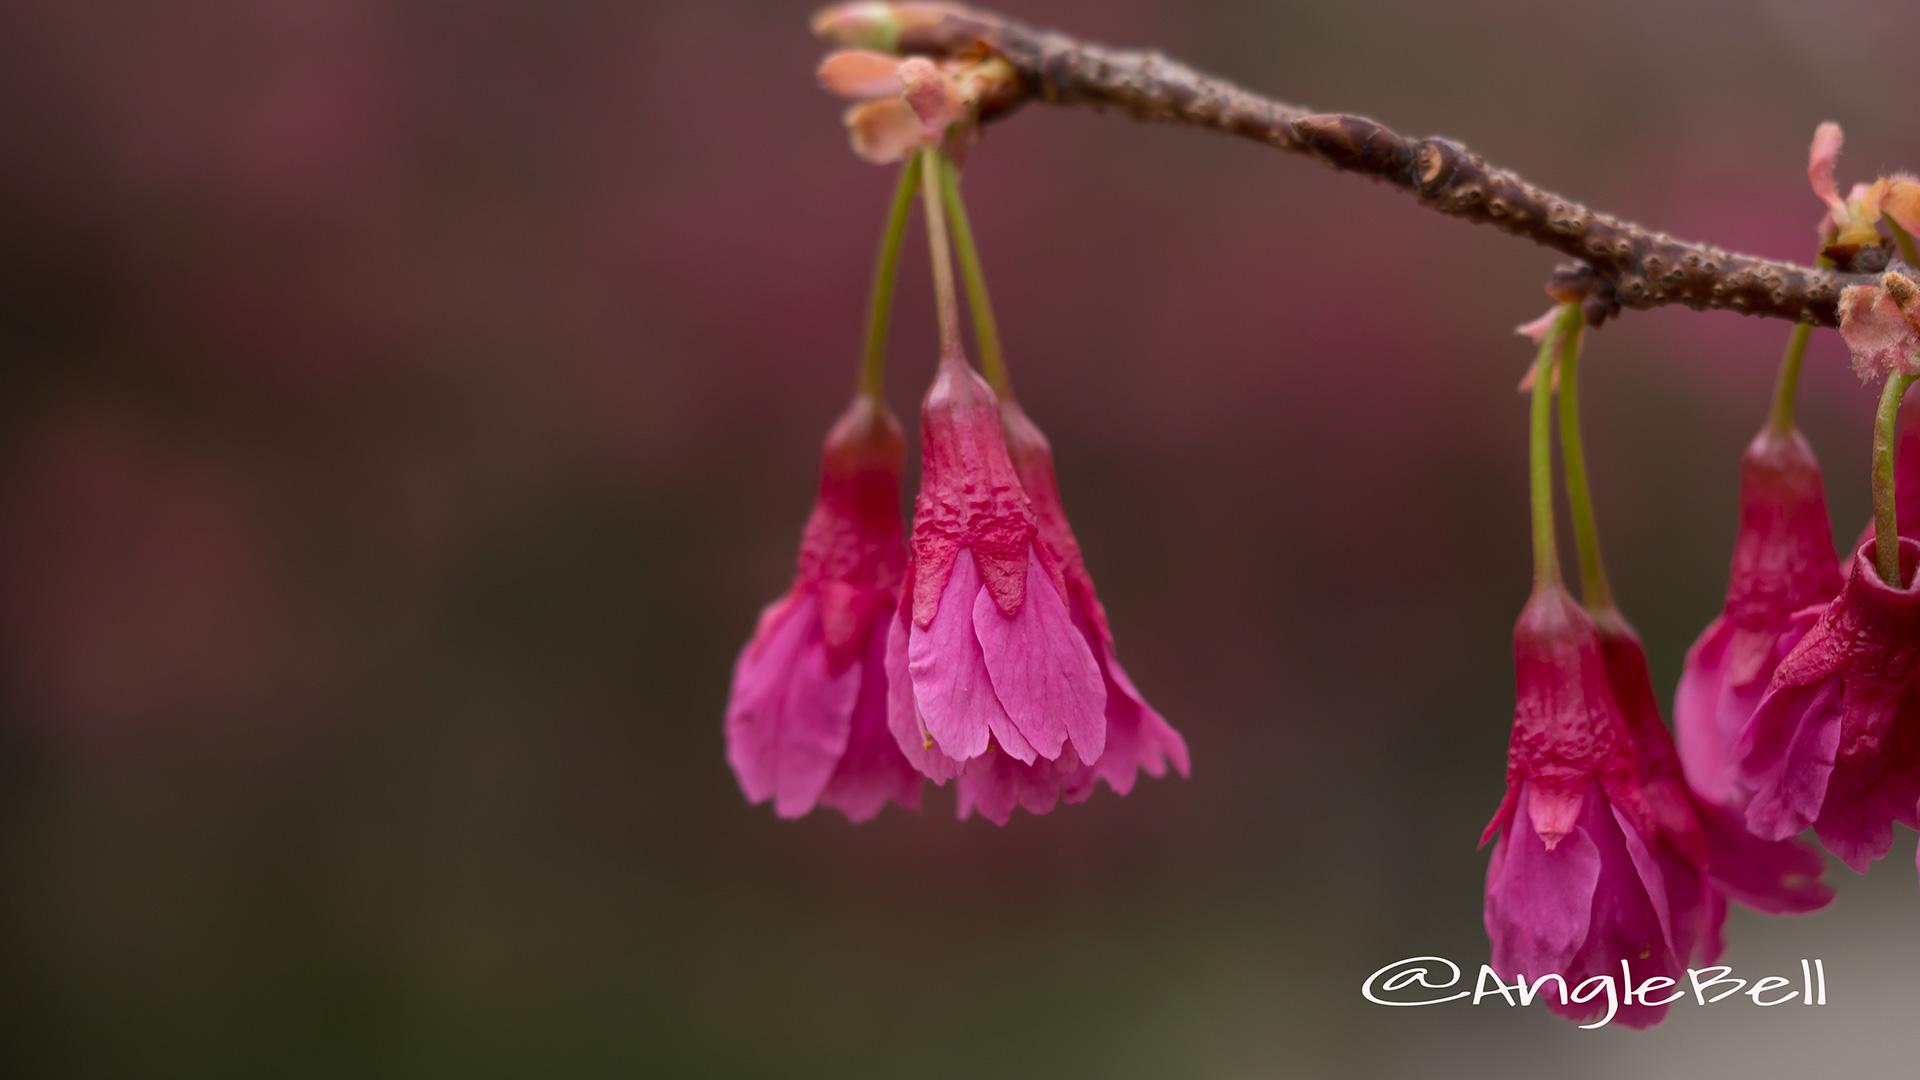 カンヒザクラ 寒緋桜 Flower Photo1